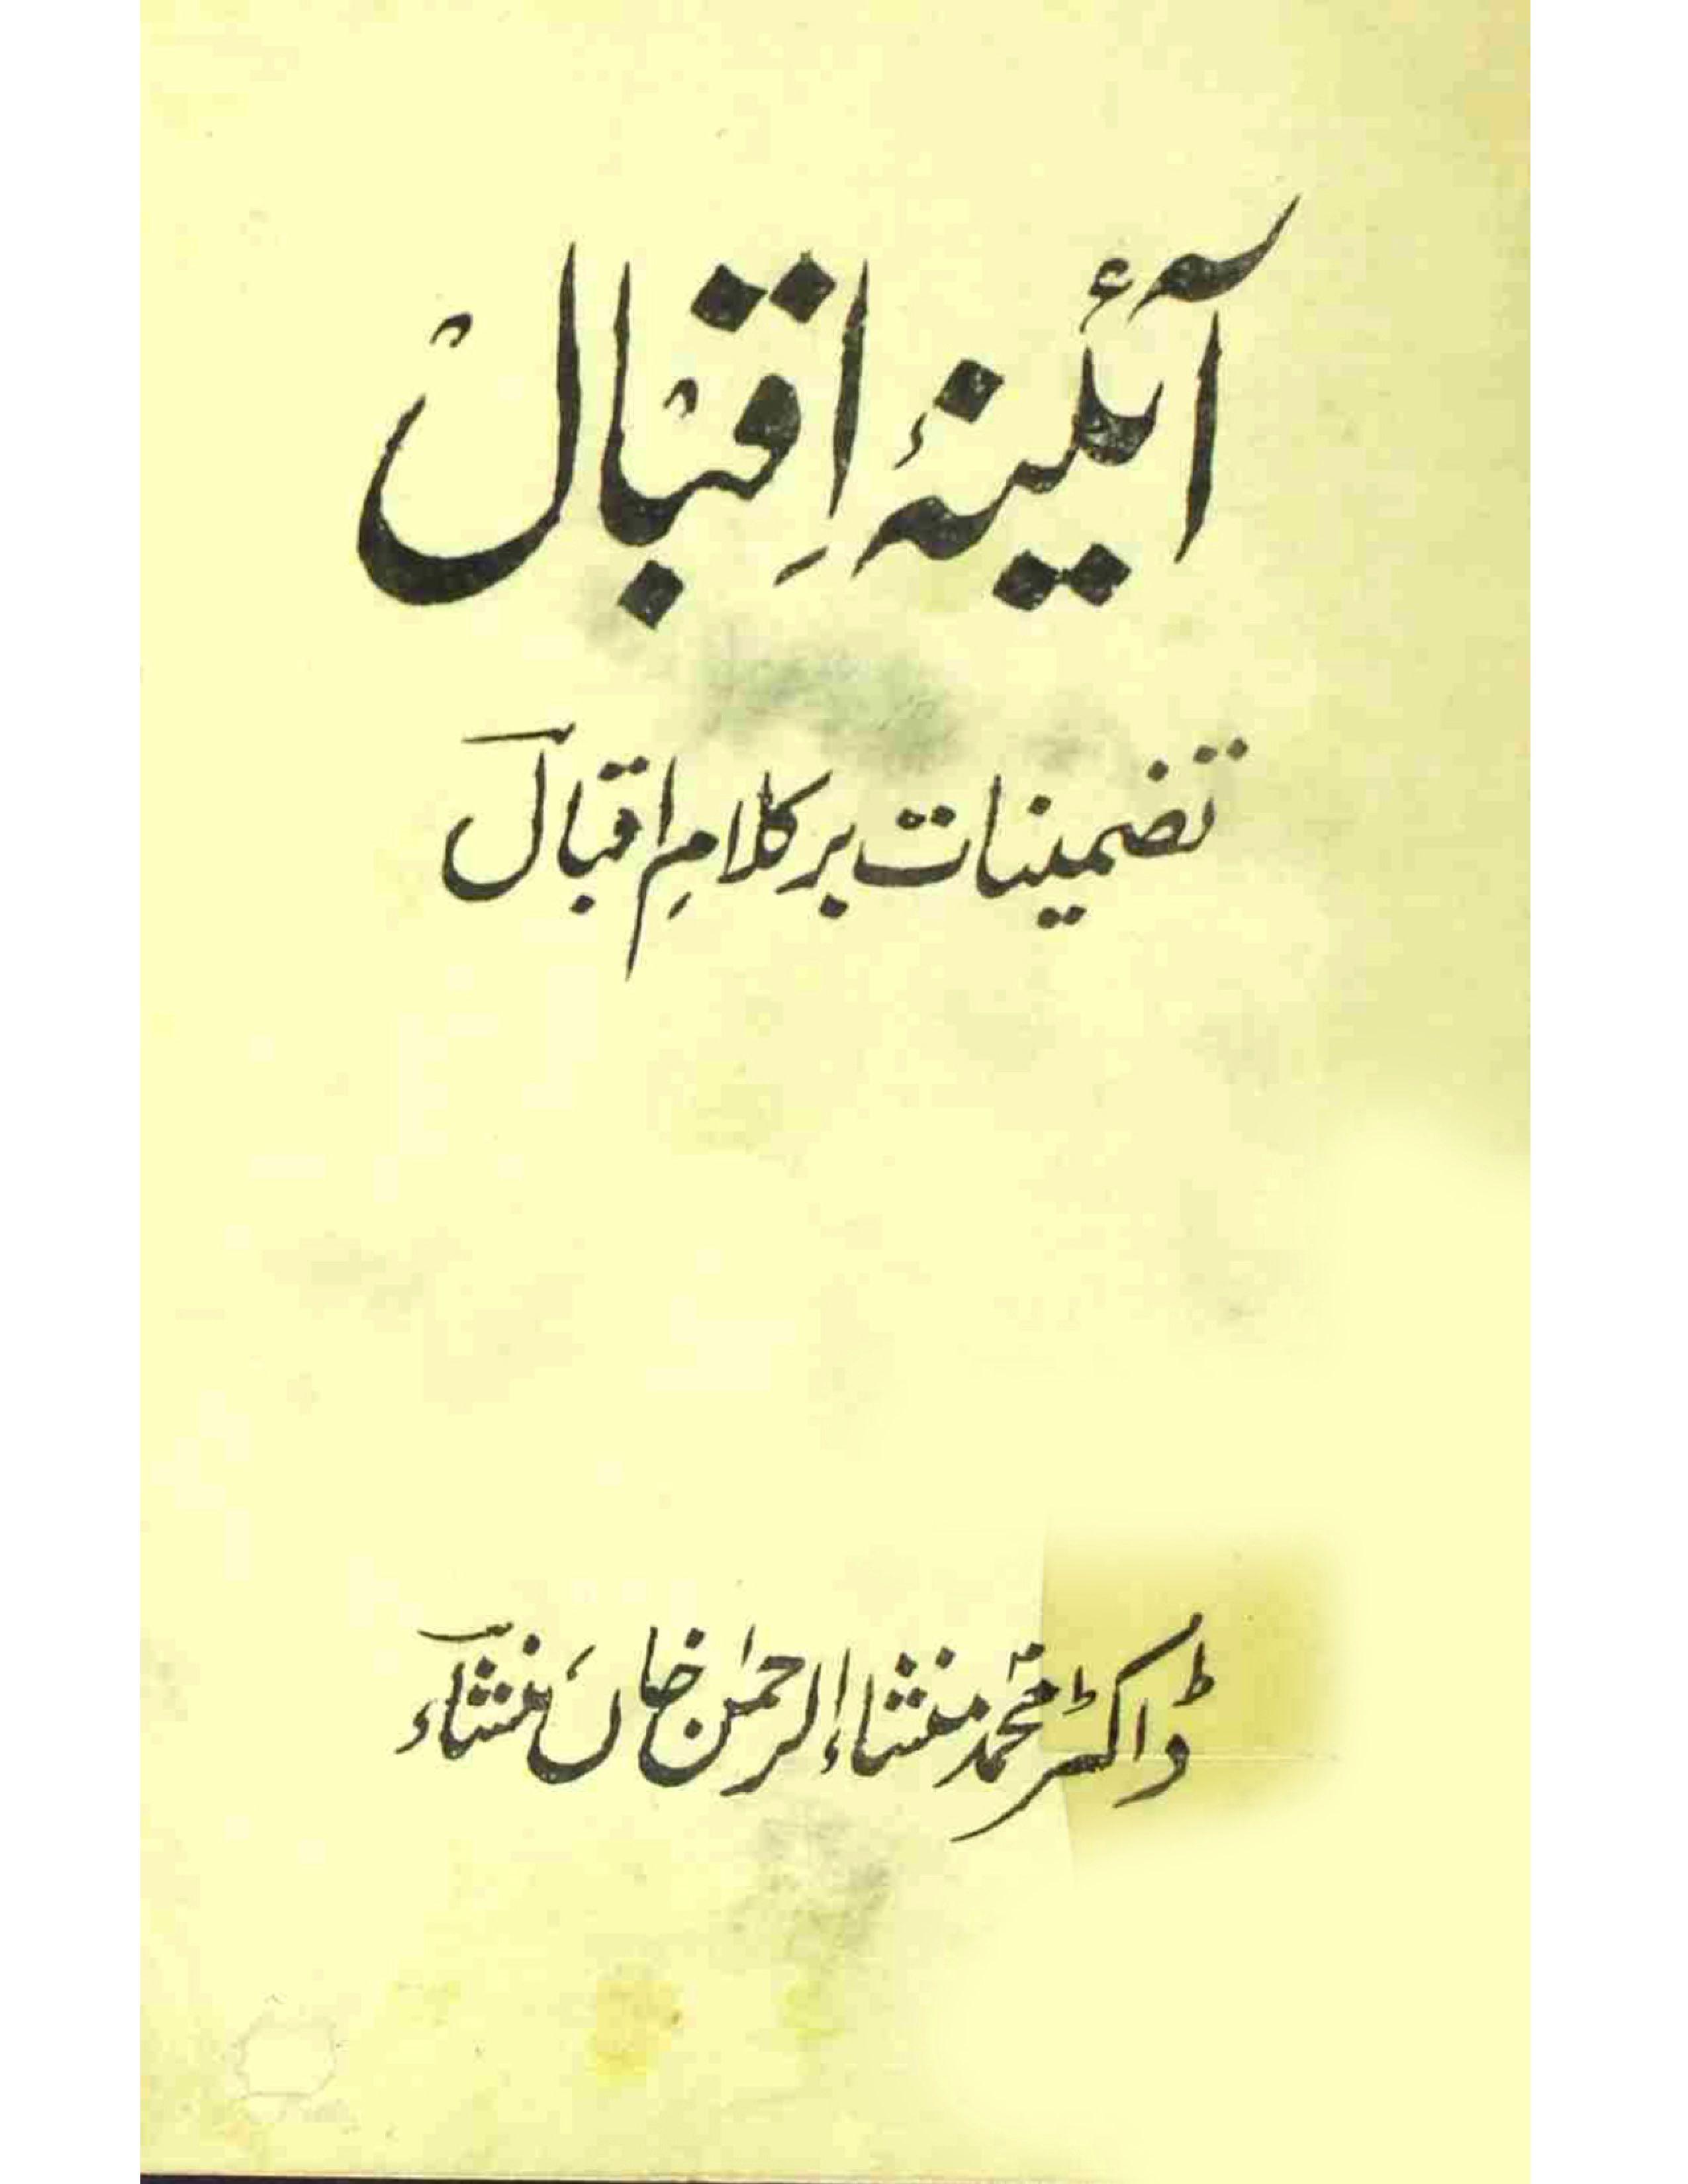 Aaina-e-Iqbal     Tazminat Bar-Kalam-e-Iqbal